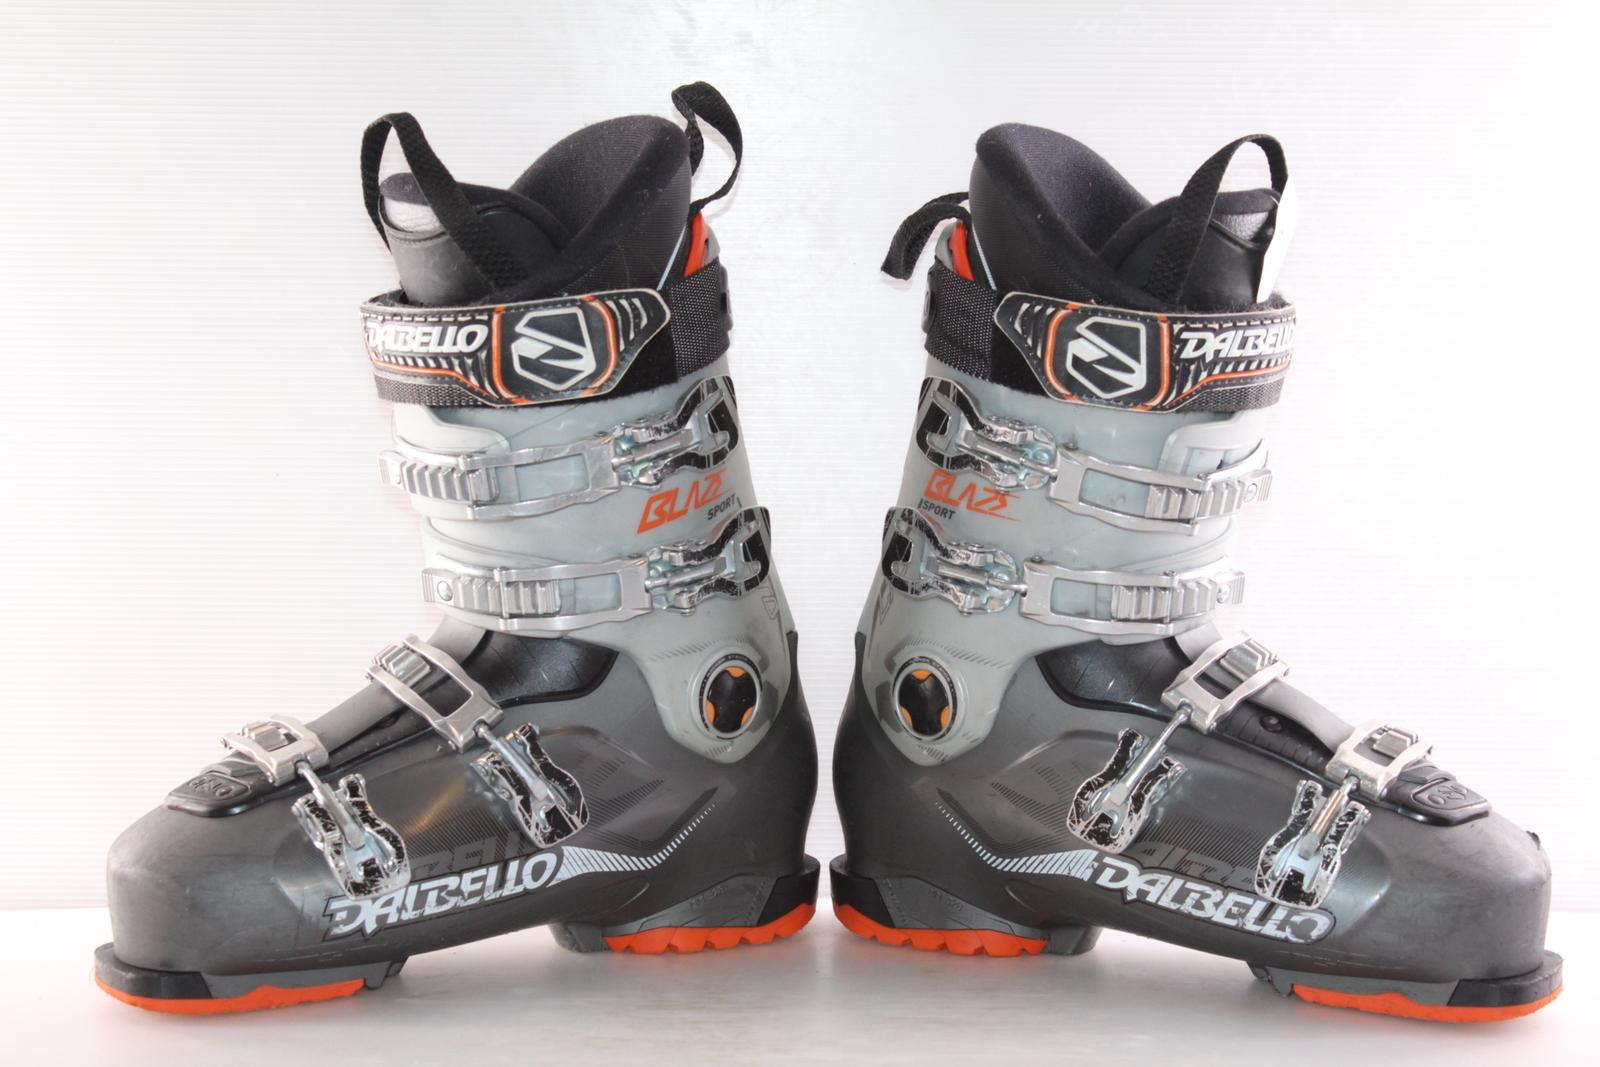 Lyžařské boty Dalbello Blaze Ltd Sport vel. EU43.5